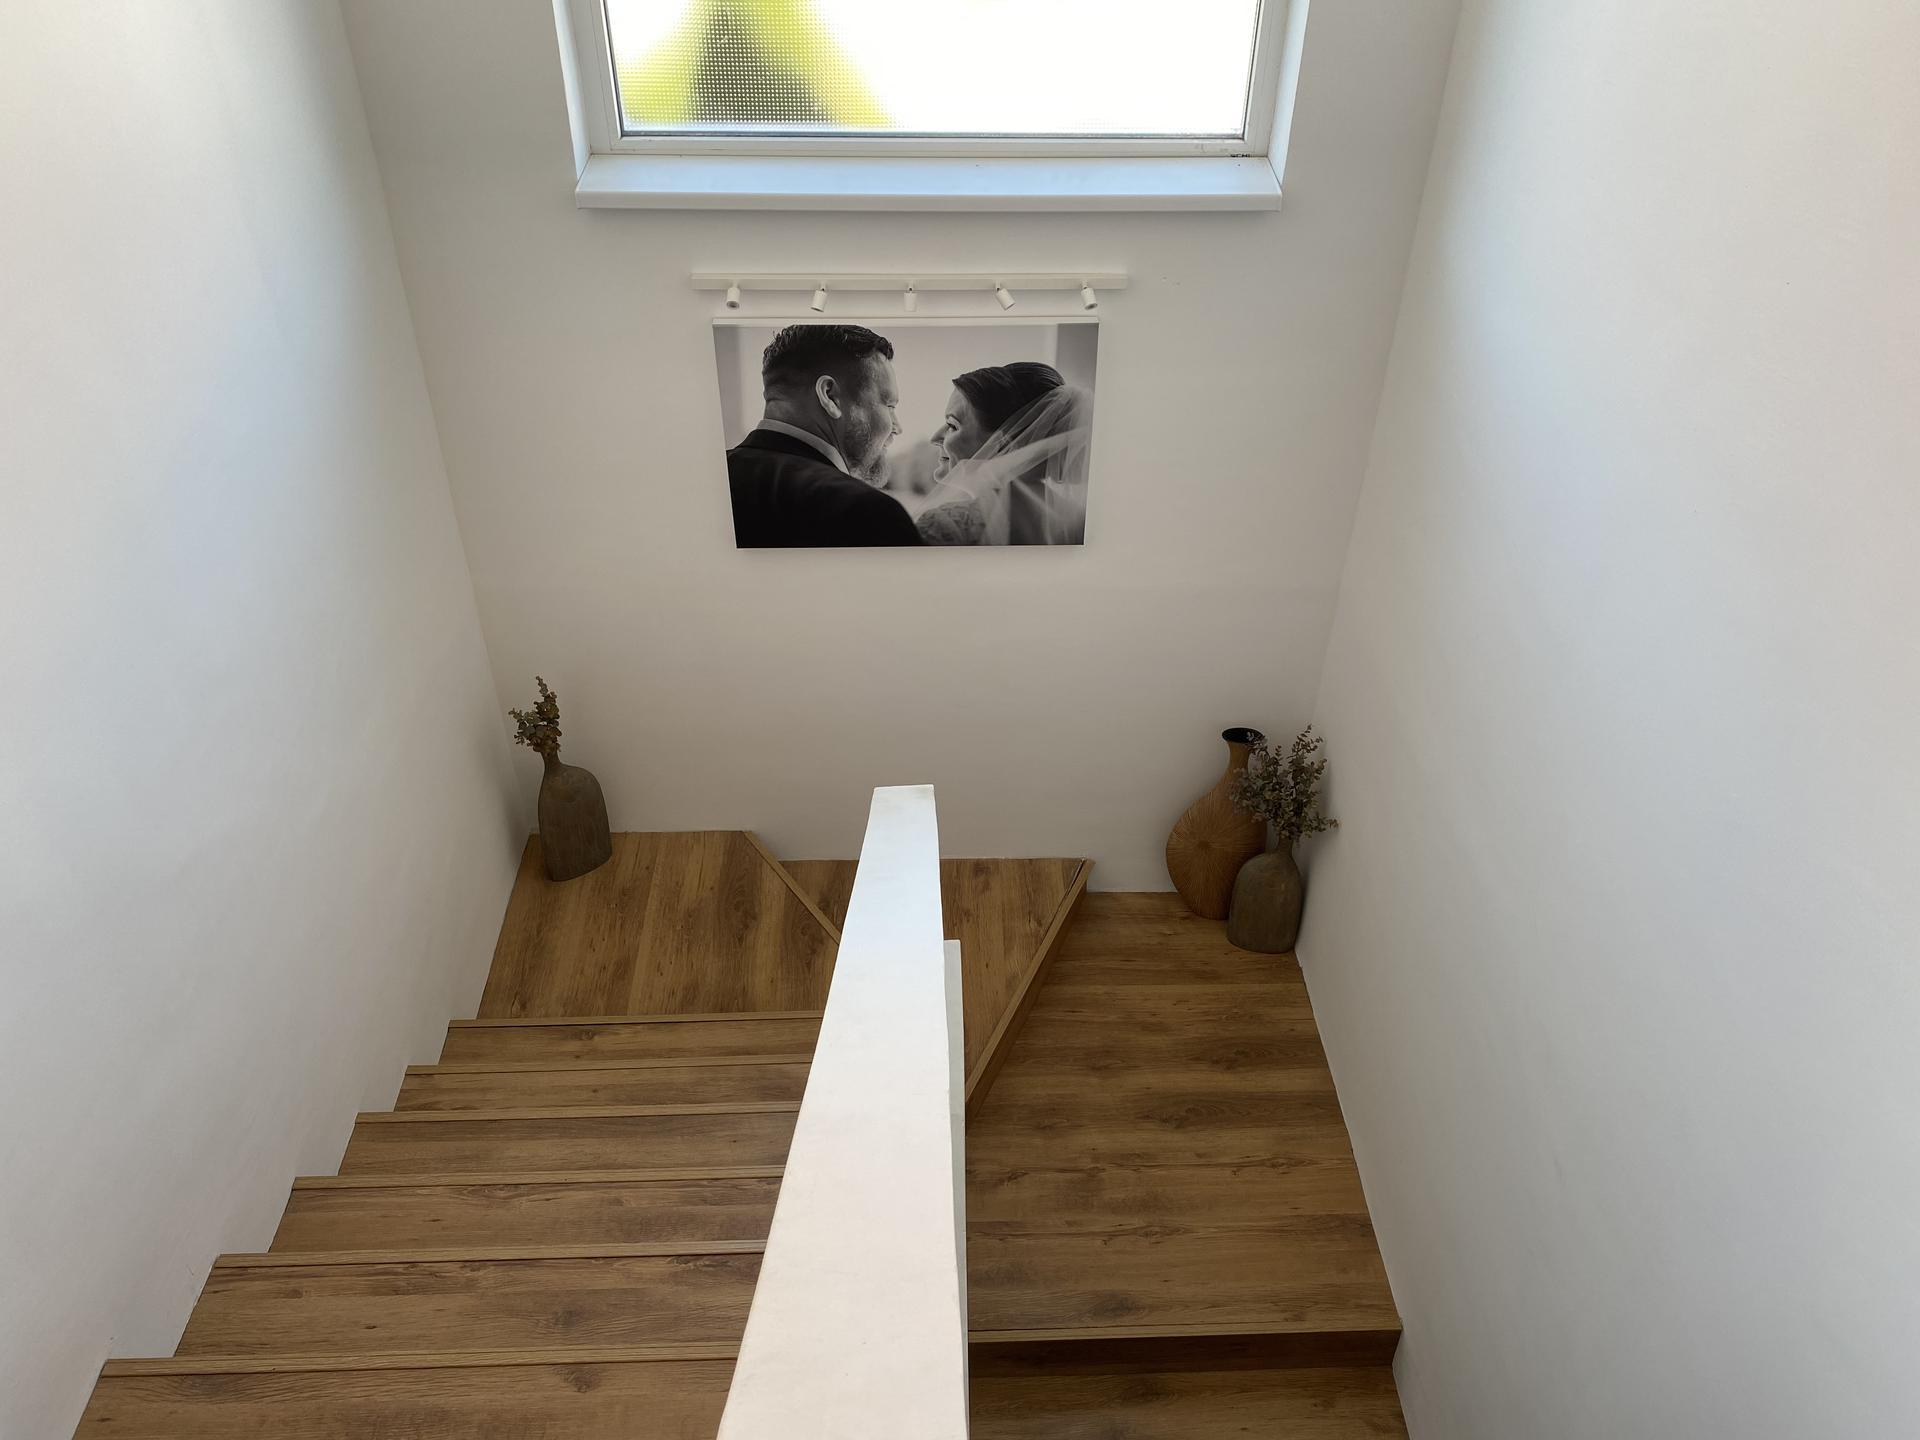 Rekonštrukcia dom kocka - Schodisko po rekonštrukcii. dva schody navyše v strede, ktoré vznikli ked sme museli vyrovnať výšky schodov.